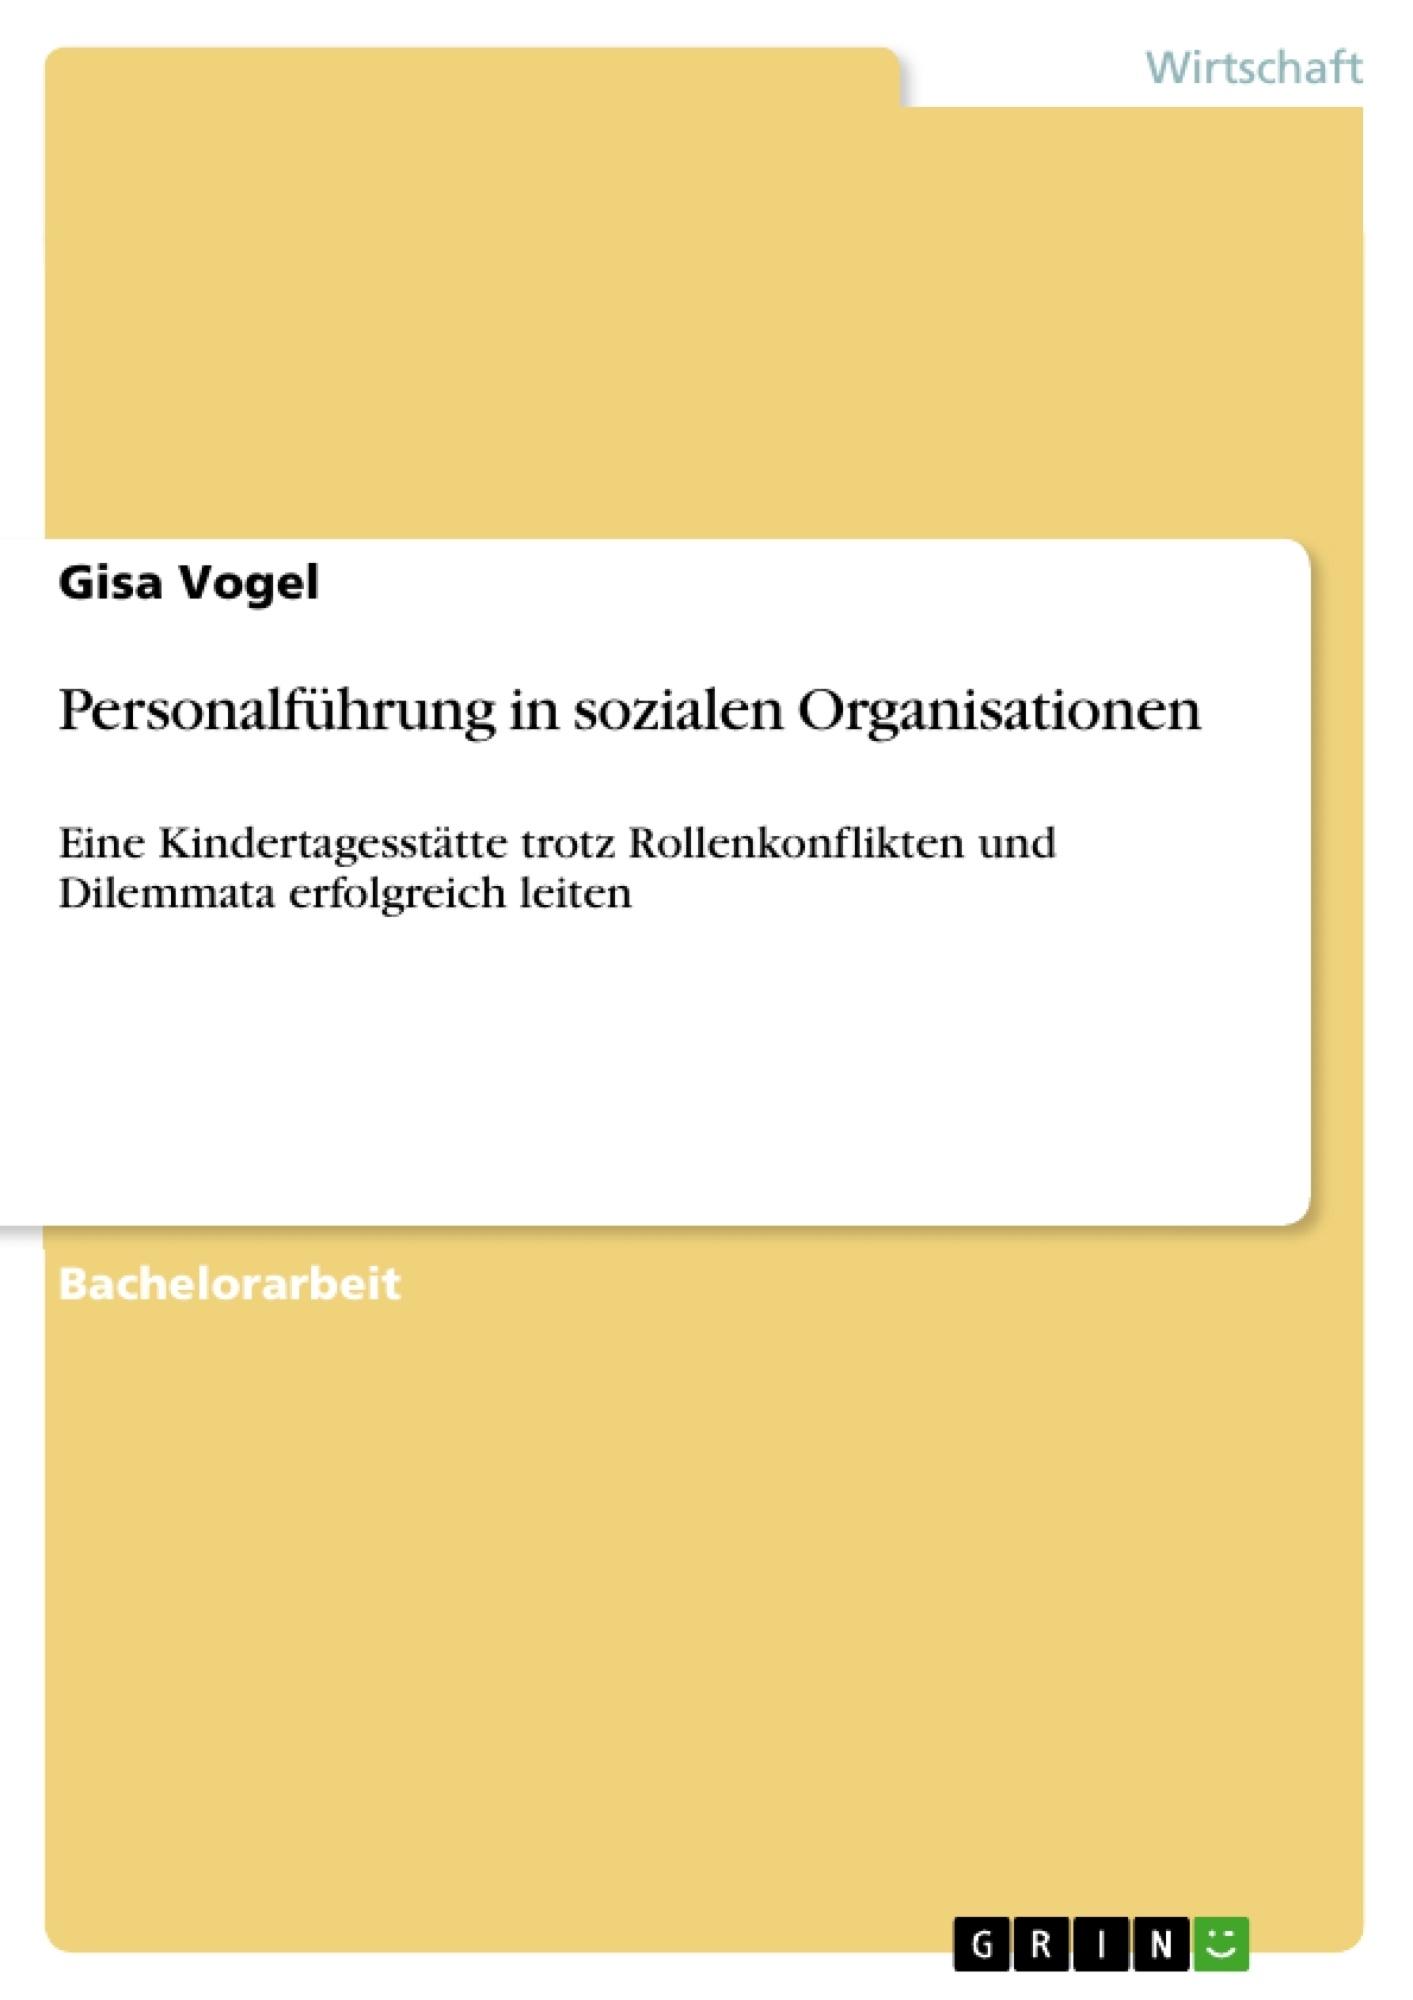 Titel: Personalführung in sozialen Organisationen